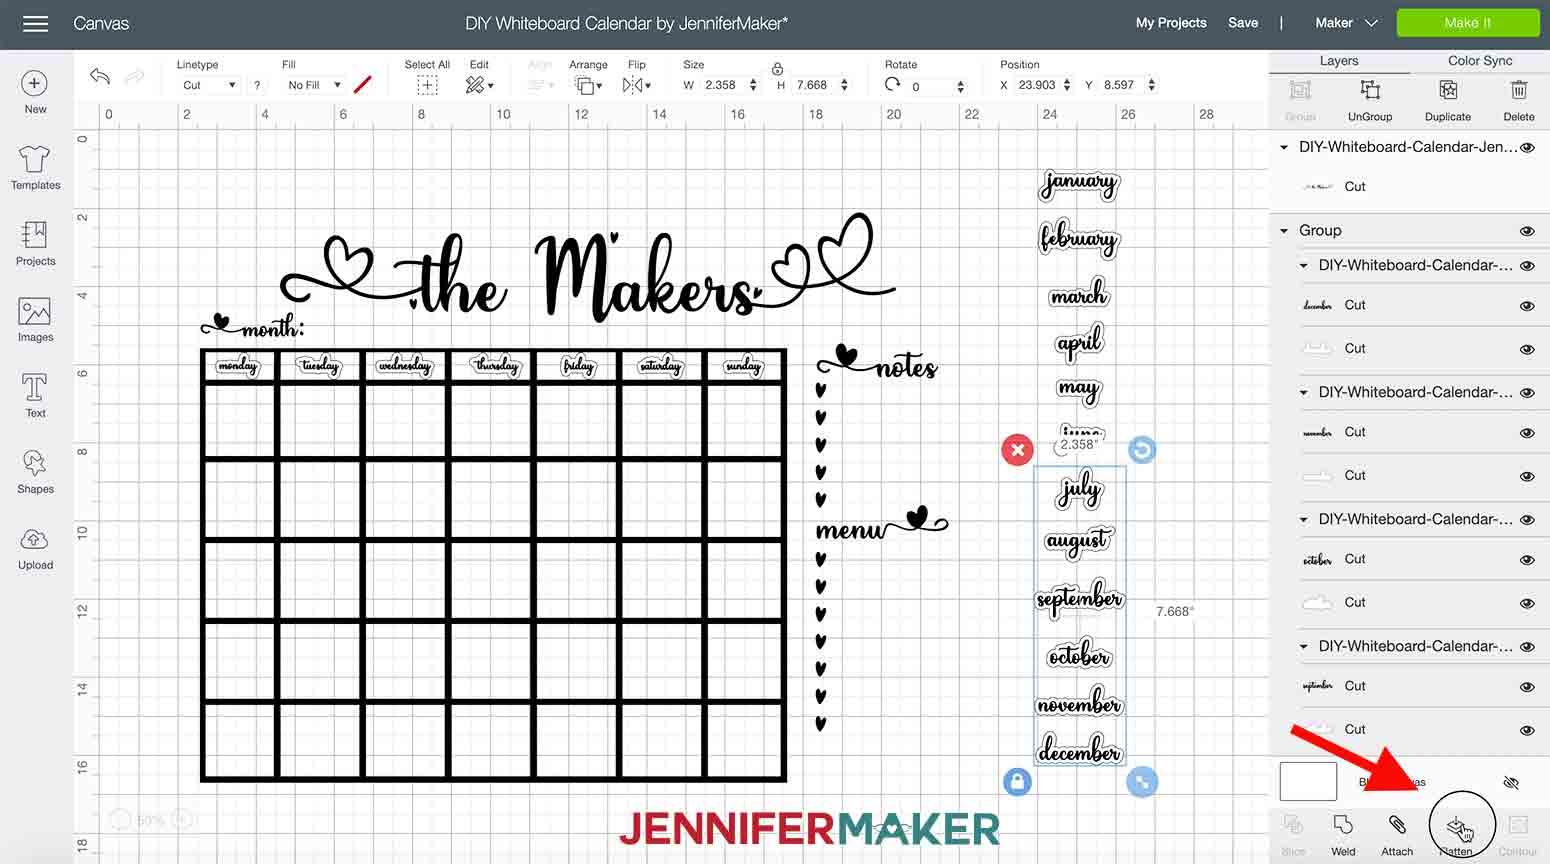 DIY-Whiteboard-Calendar-JenniferMaker-flatten-group-one